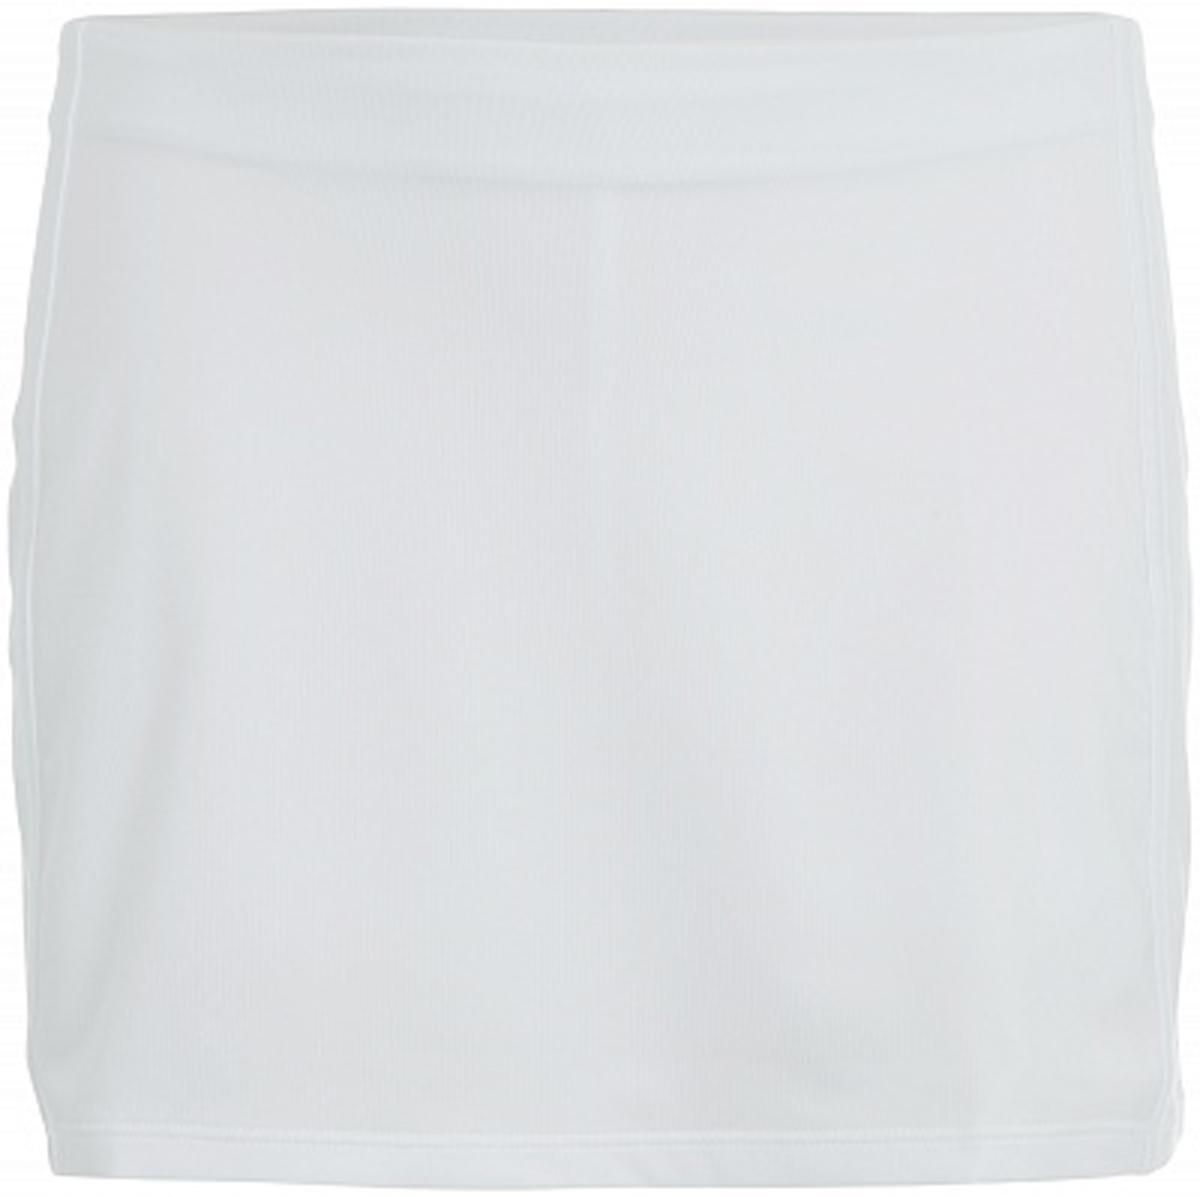 ЮбкаWRA750603Элегантная спортивная юбка Wilson из коллекции Core. Классический силует, вшитые компрессионные шортики и технология отвода влаги nanoWIK для оптимального комфорта.